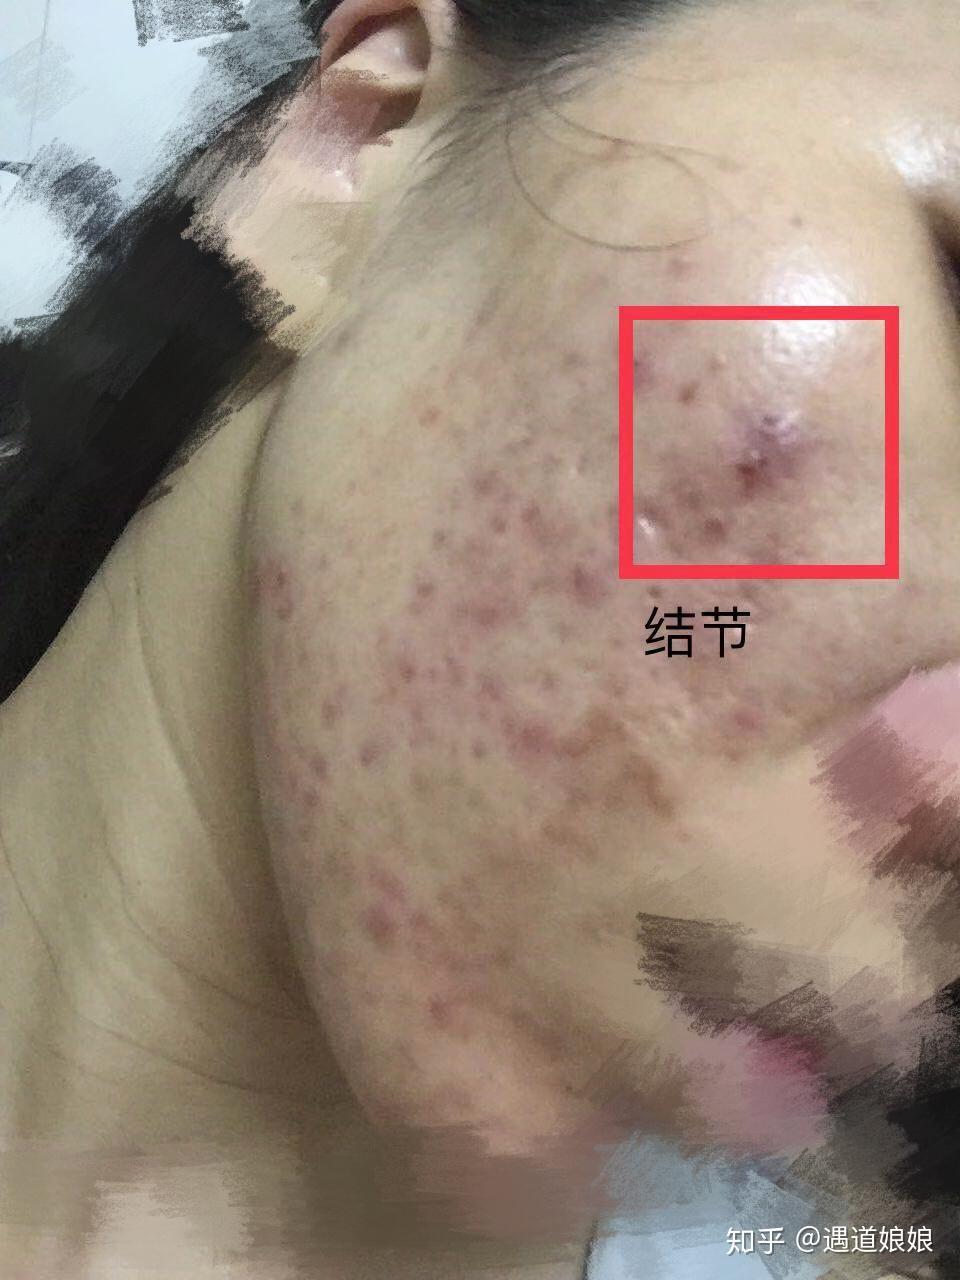 你知道你痘痘的类型吗 闭口型,囊肿型还是凹陷型 各种不同的处理方法和注意事项